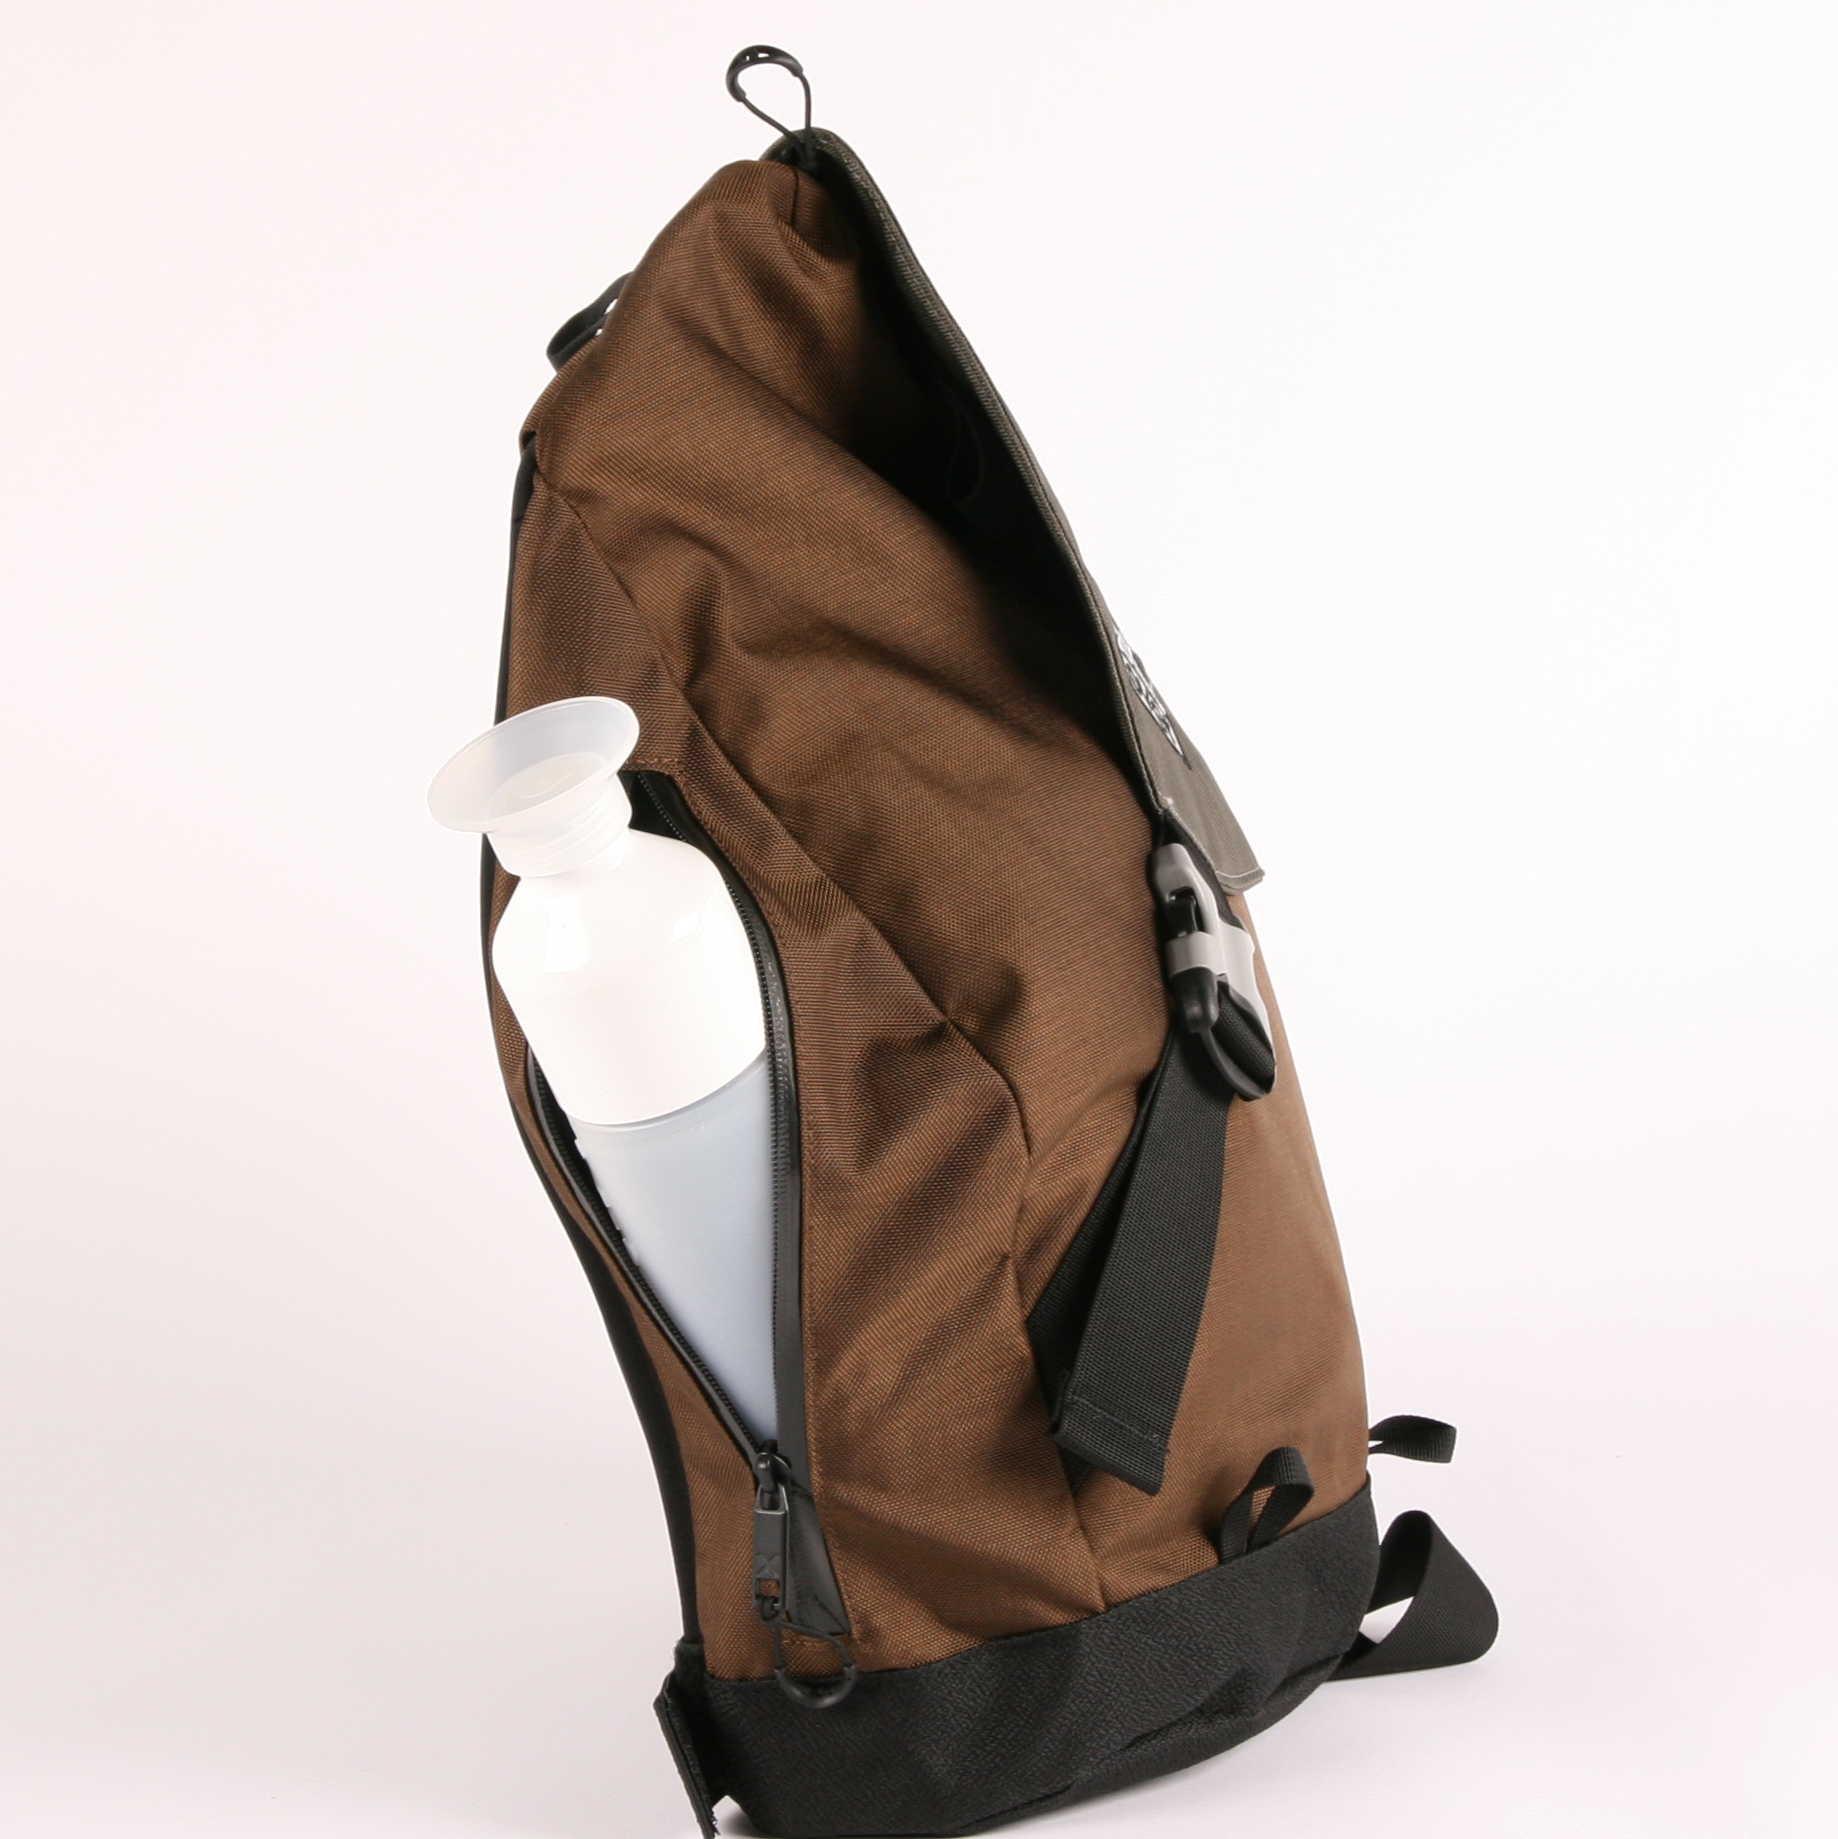 X-Over schuine rugzak wintersports zijvak met rits